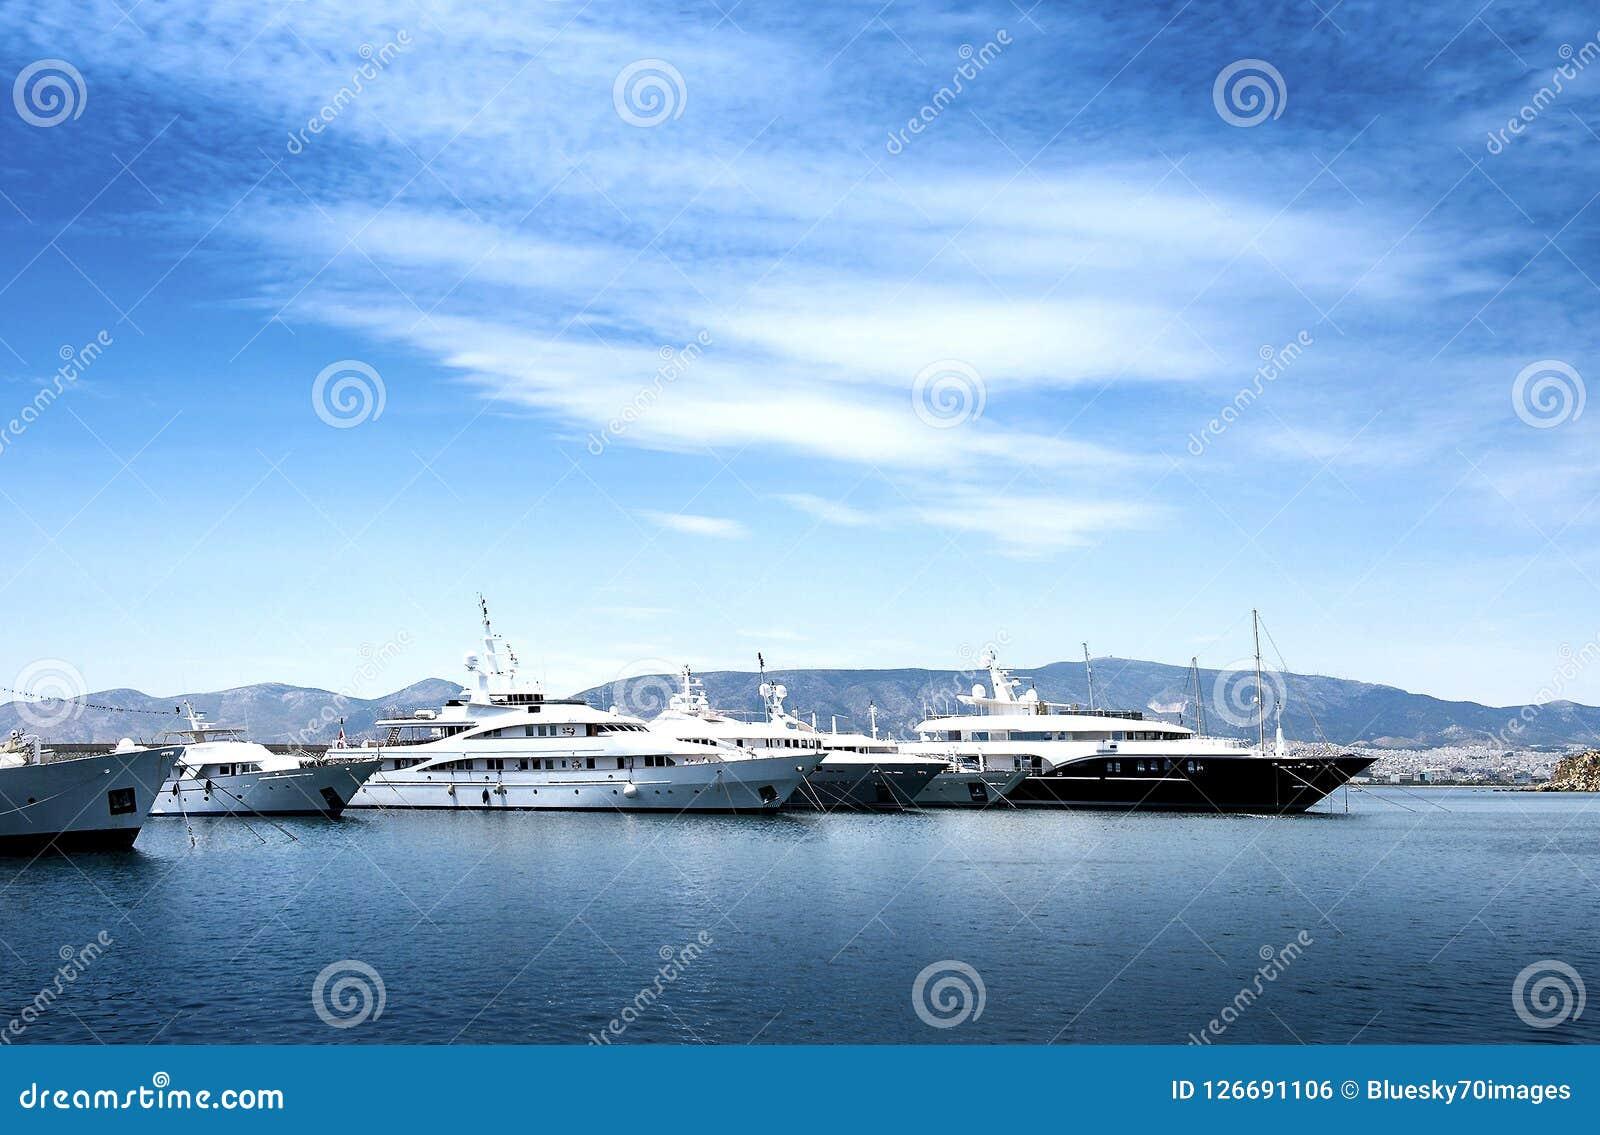 Luxemotorboten en jachten bij het dok Marina Zeas, Piraeus, Gr.